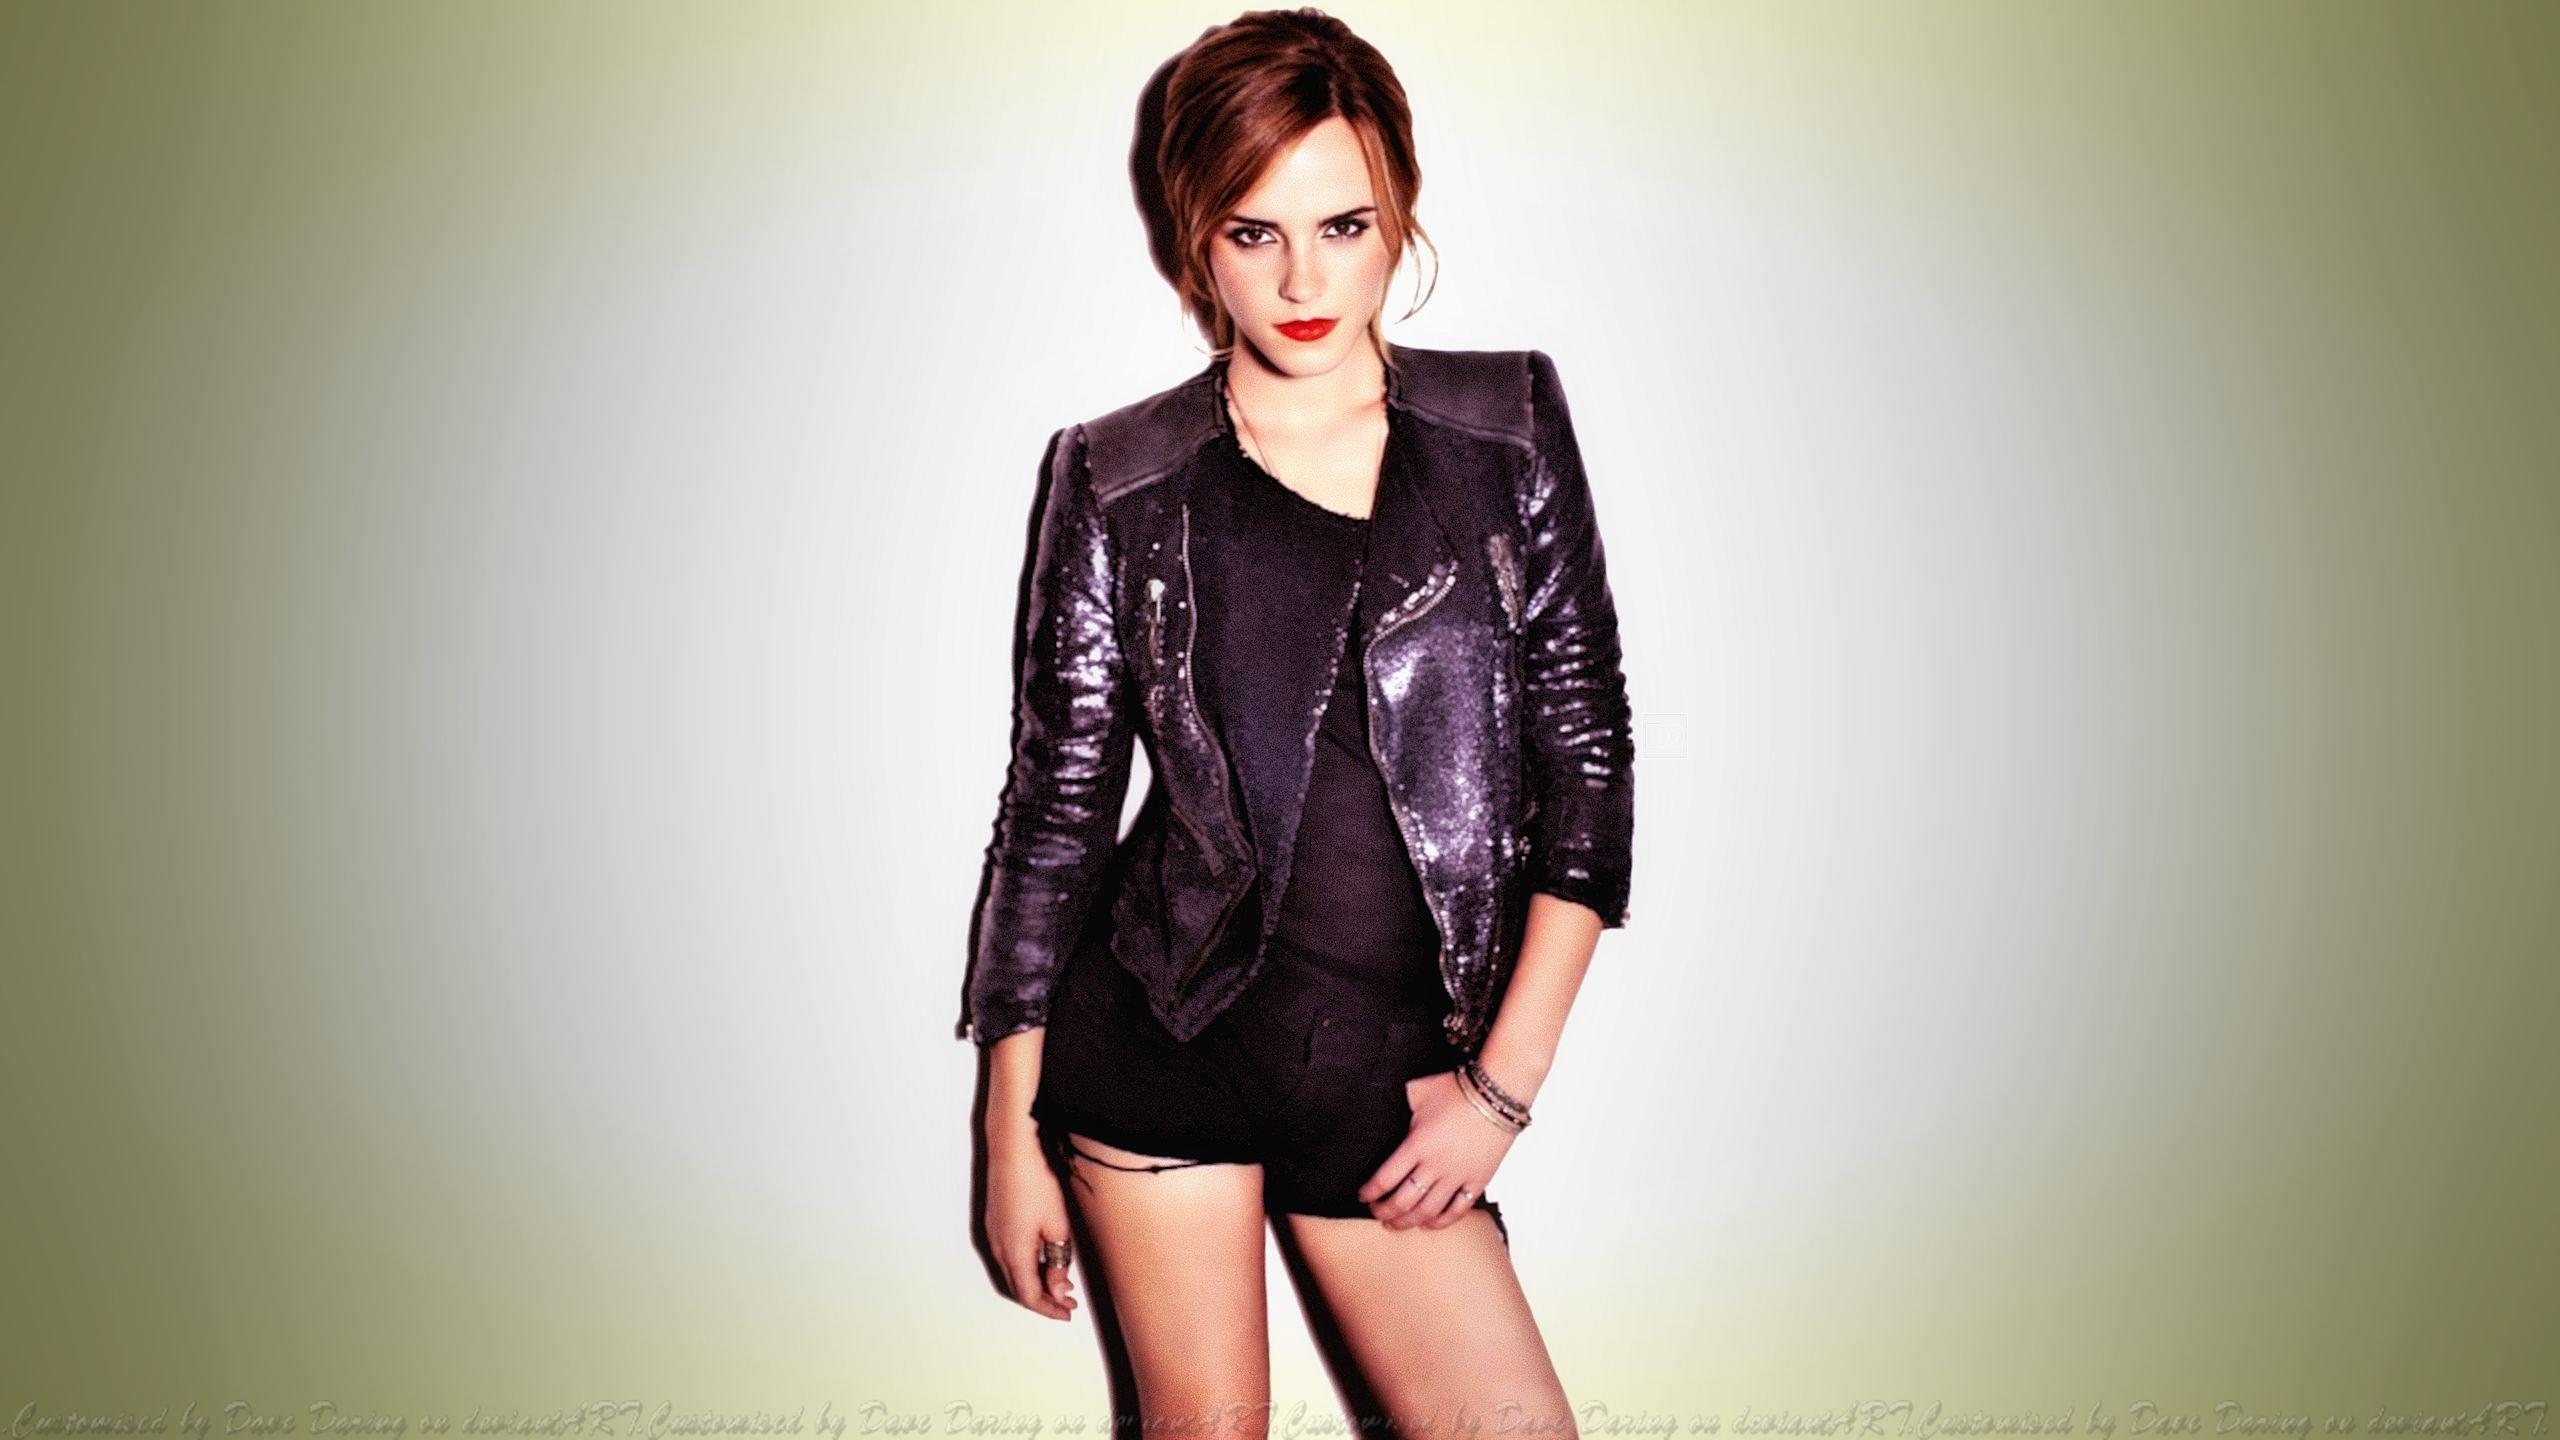 Emma Watson Short Shorts by Dave-Daring